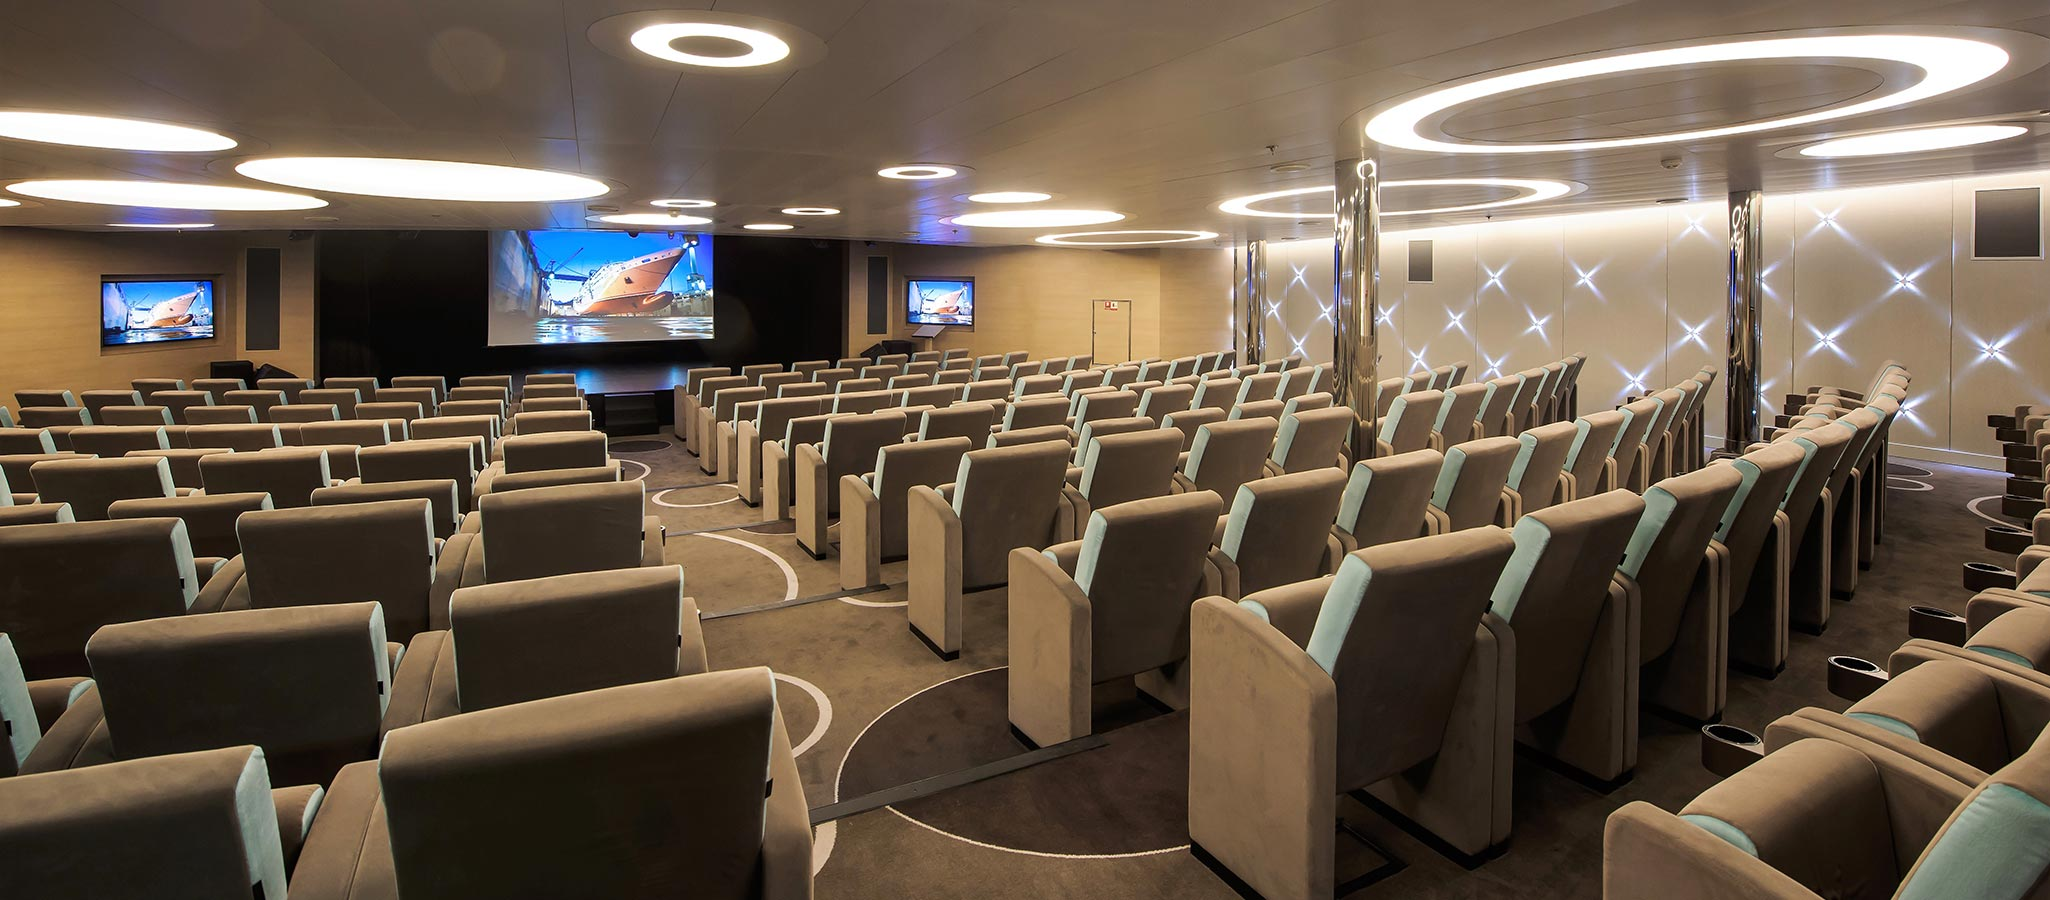 Und dabei ausgestattet für Konferenzen und Meetings mit Platz für alle Passagiere.